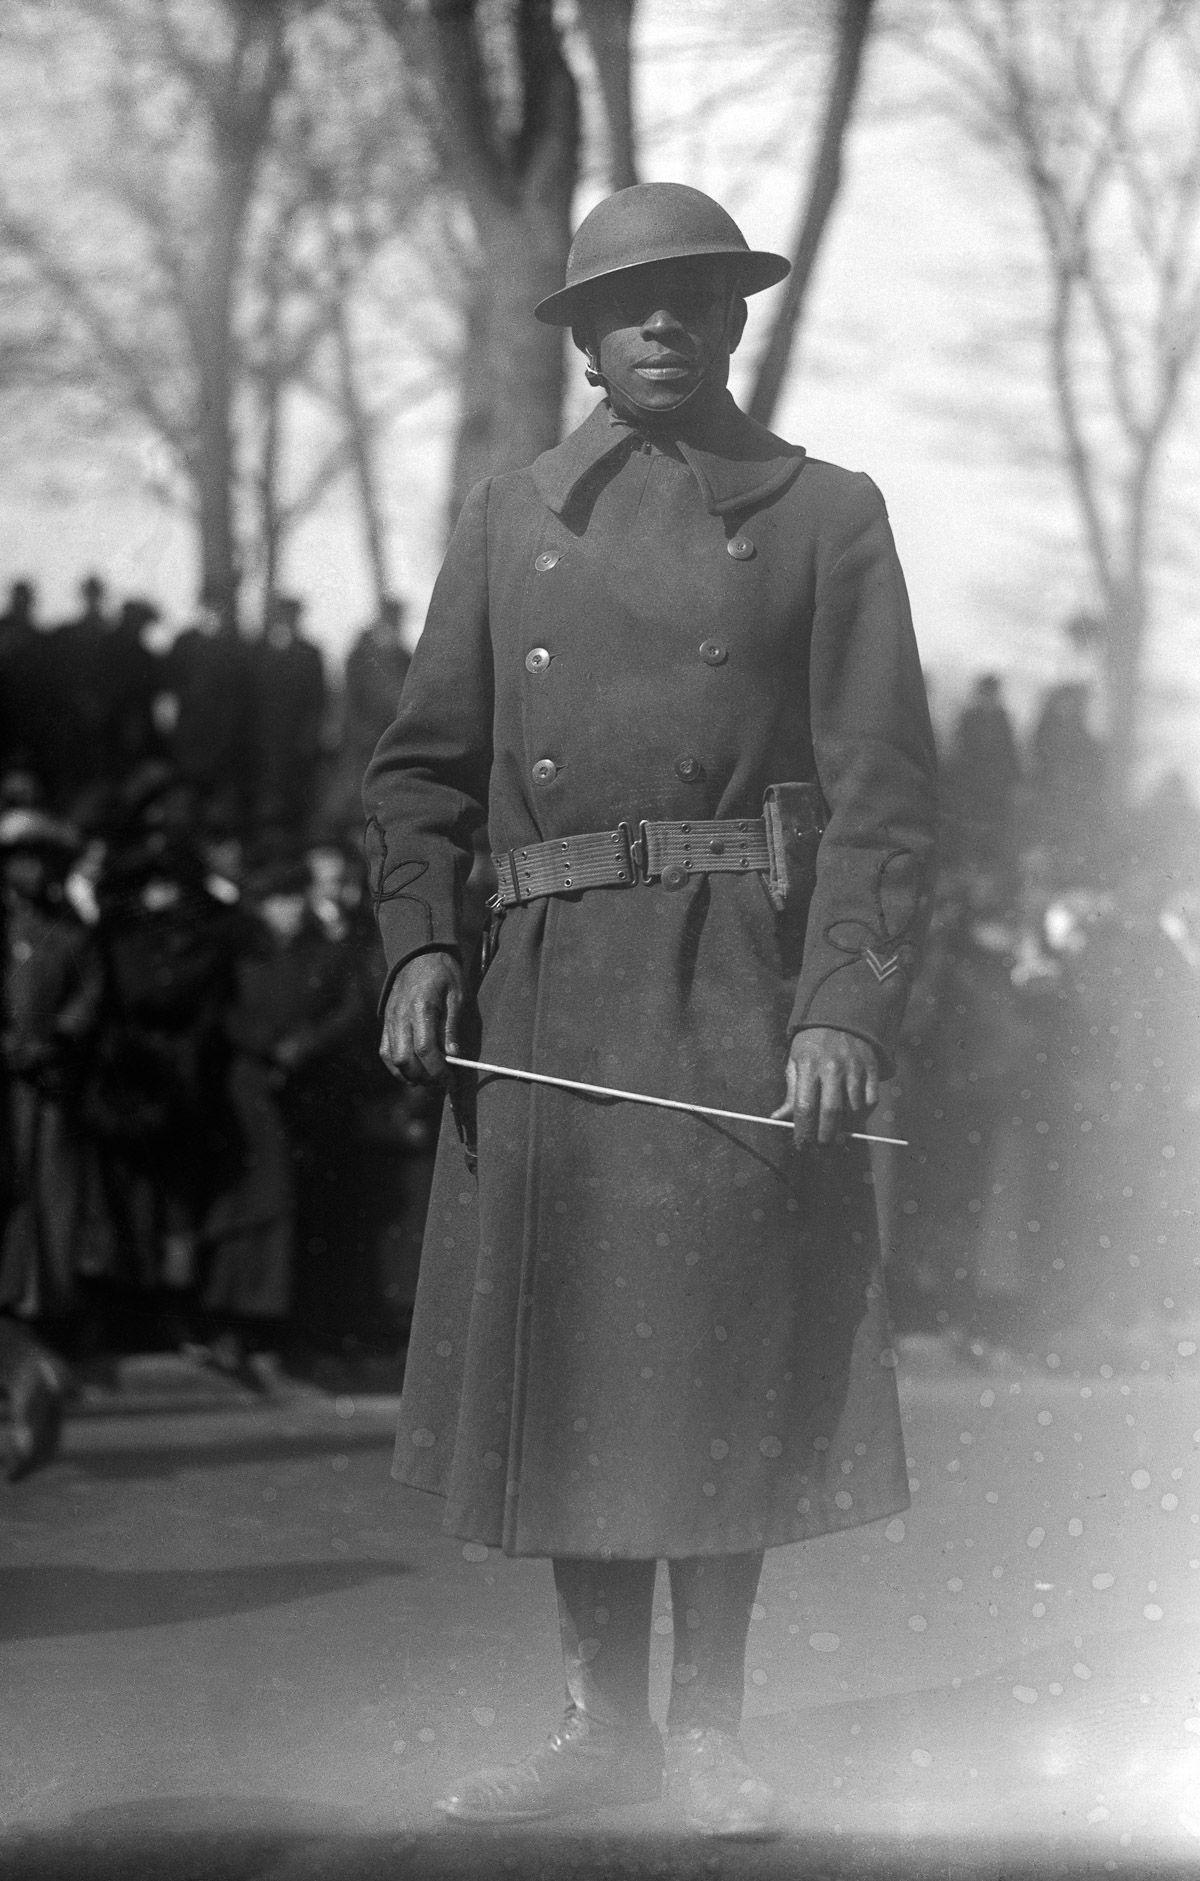 O regimento todo formado por negros na primeira guerra conhecido pela bravura apesar do preconceito 21